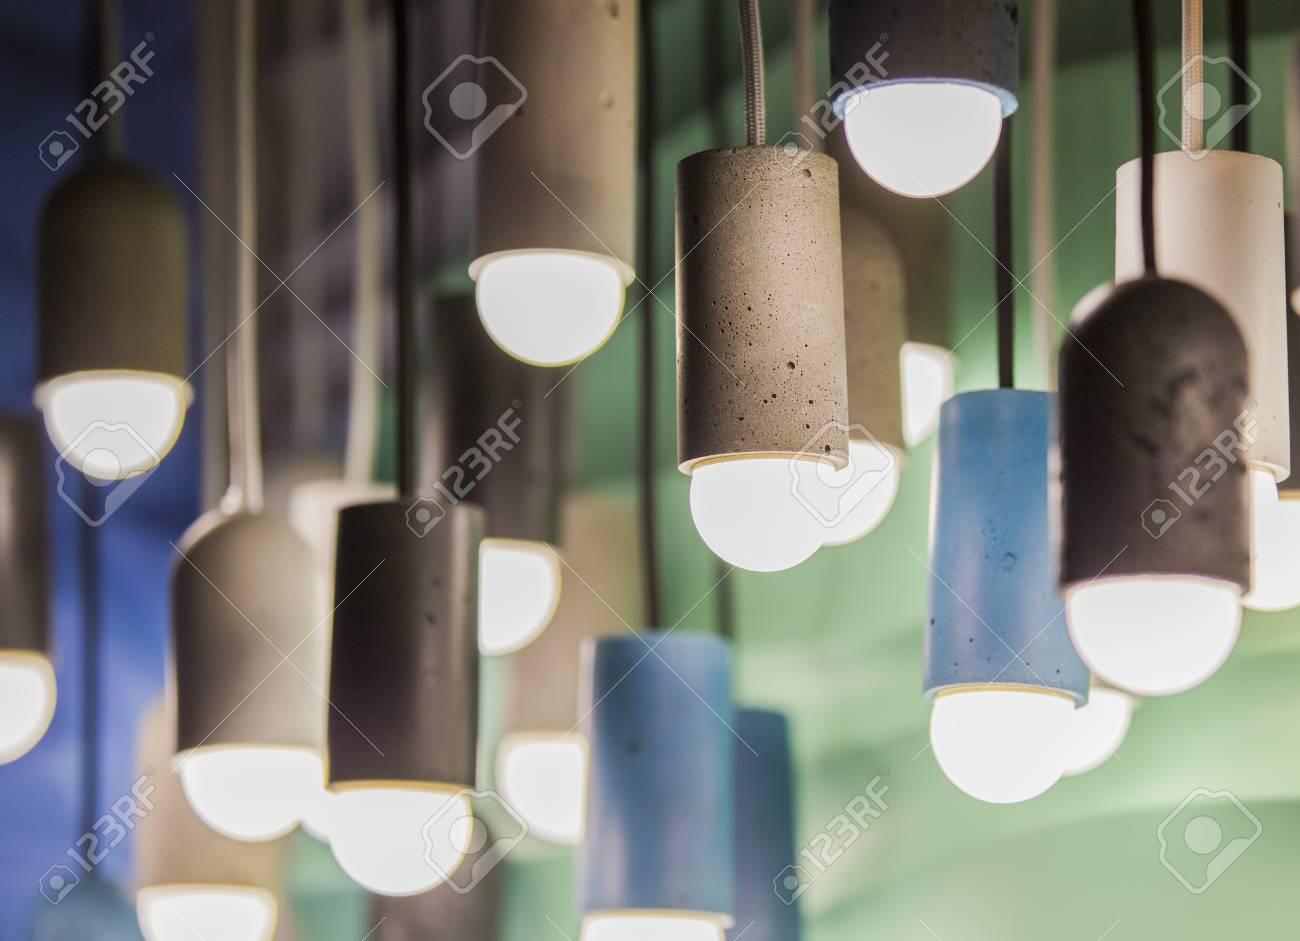 Plafoniere Con Lampadina A Vista : Immagini stock lampadine moderne in un caffè. plafoniere a